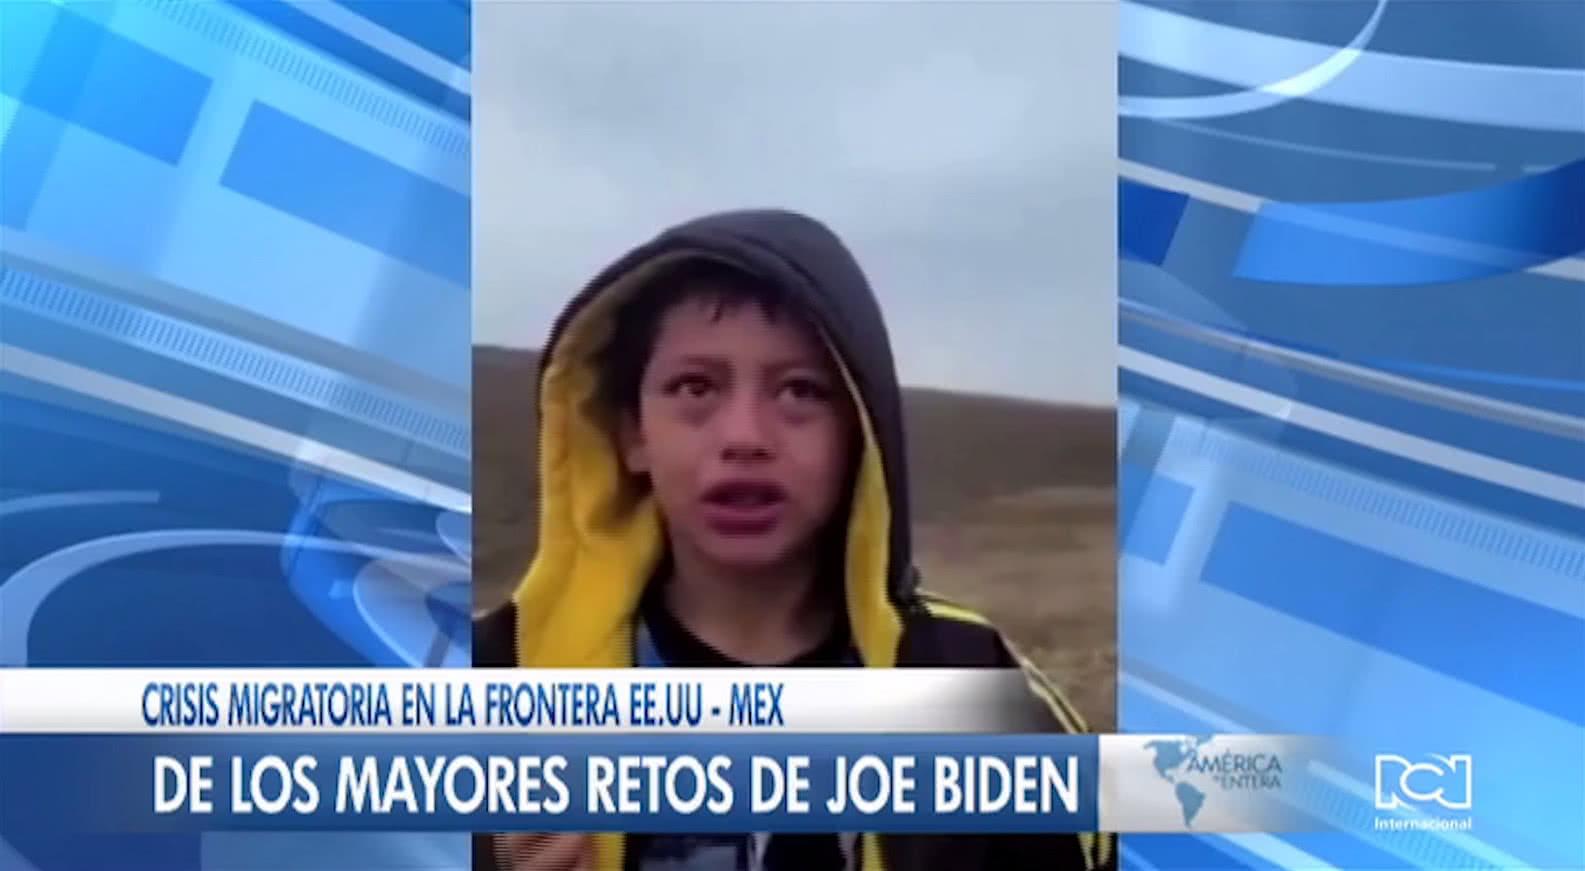 Niño migrante pide auxilio desconsolado tras ser abandonado en la frontera sur de Estados Unidos